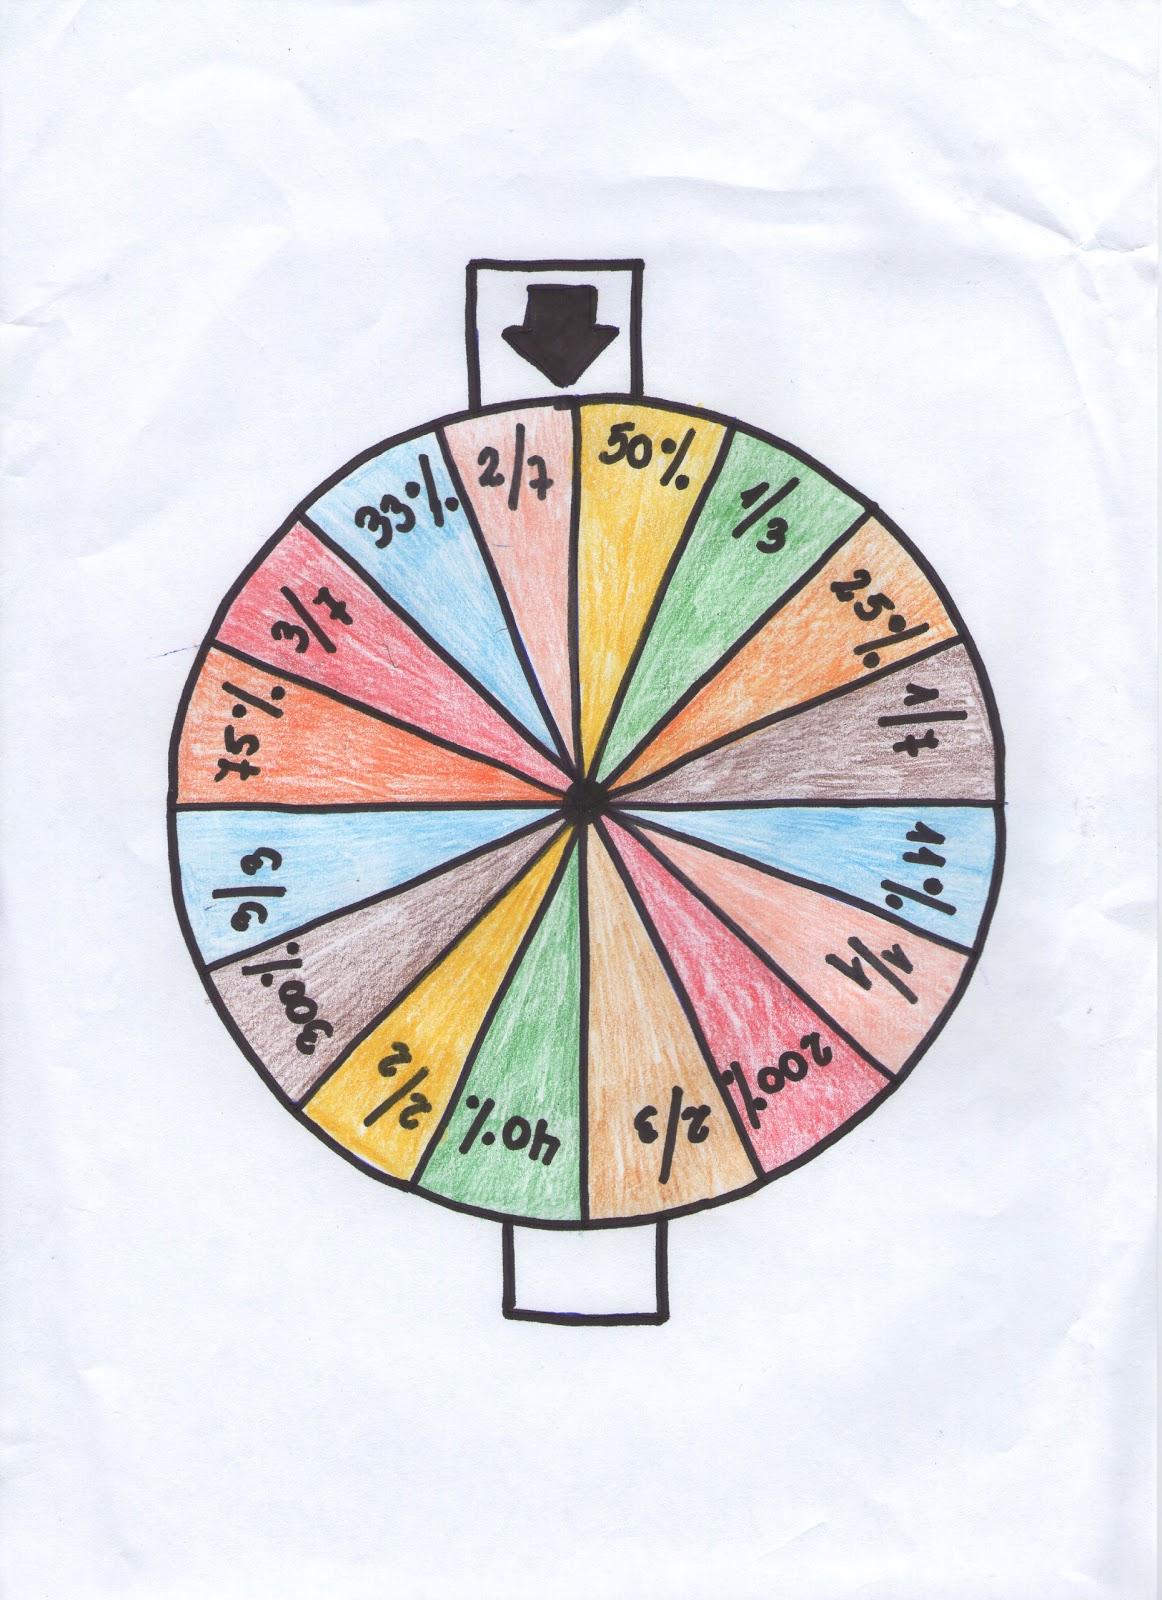 Juegos bingo Knights com de azar y probabilidad-906957